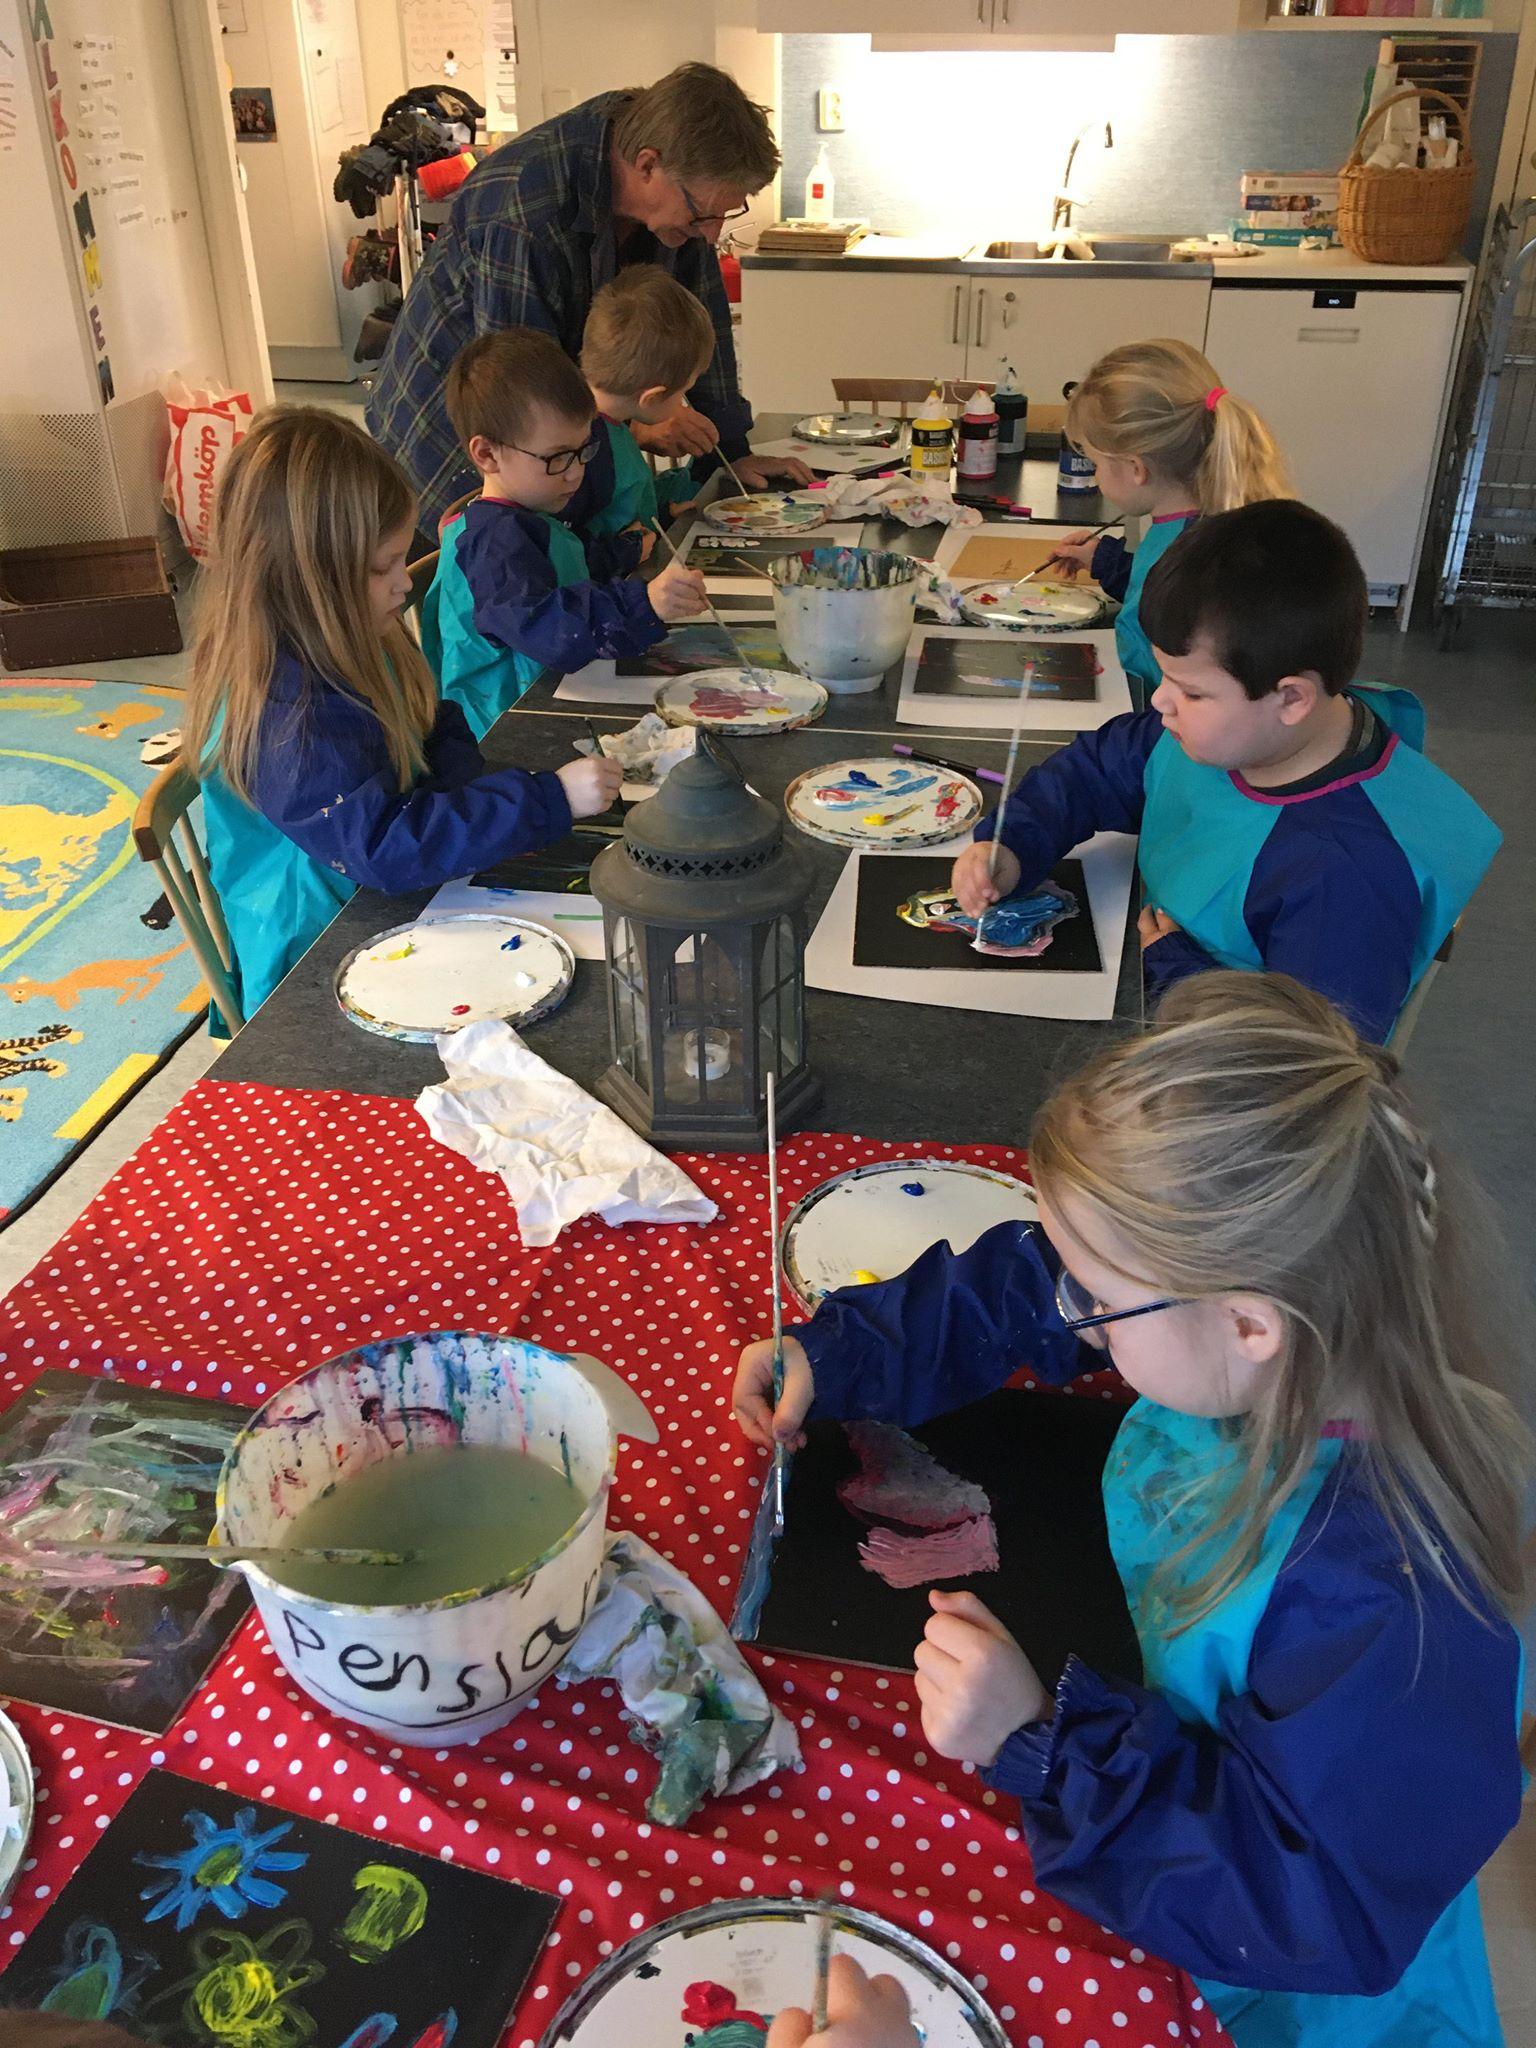 Konstnär Stellan Ekegren och några av de barn vars målningar visas i utställningen OBS! Superviktigt!